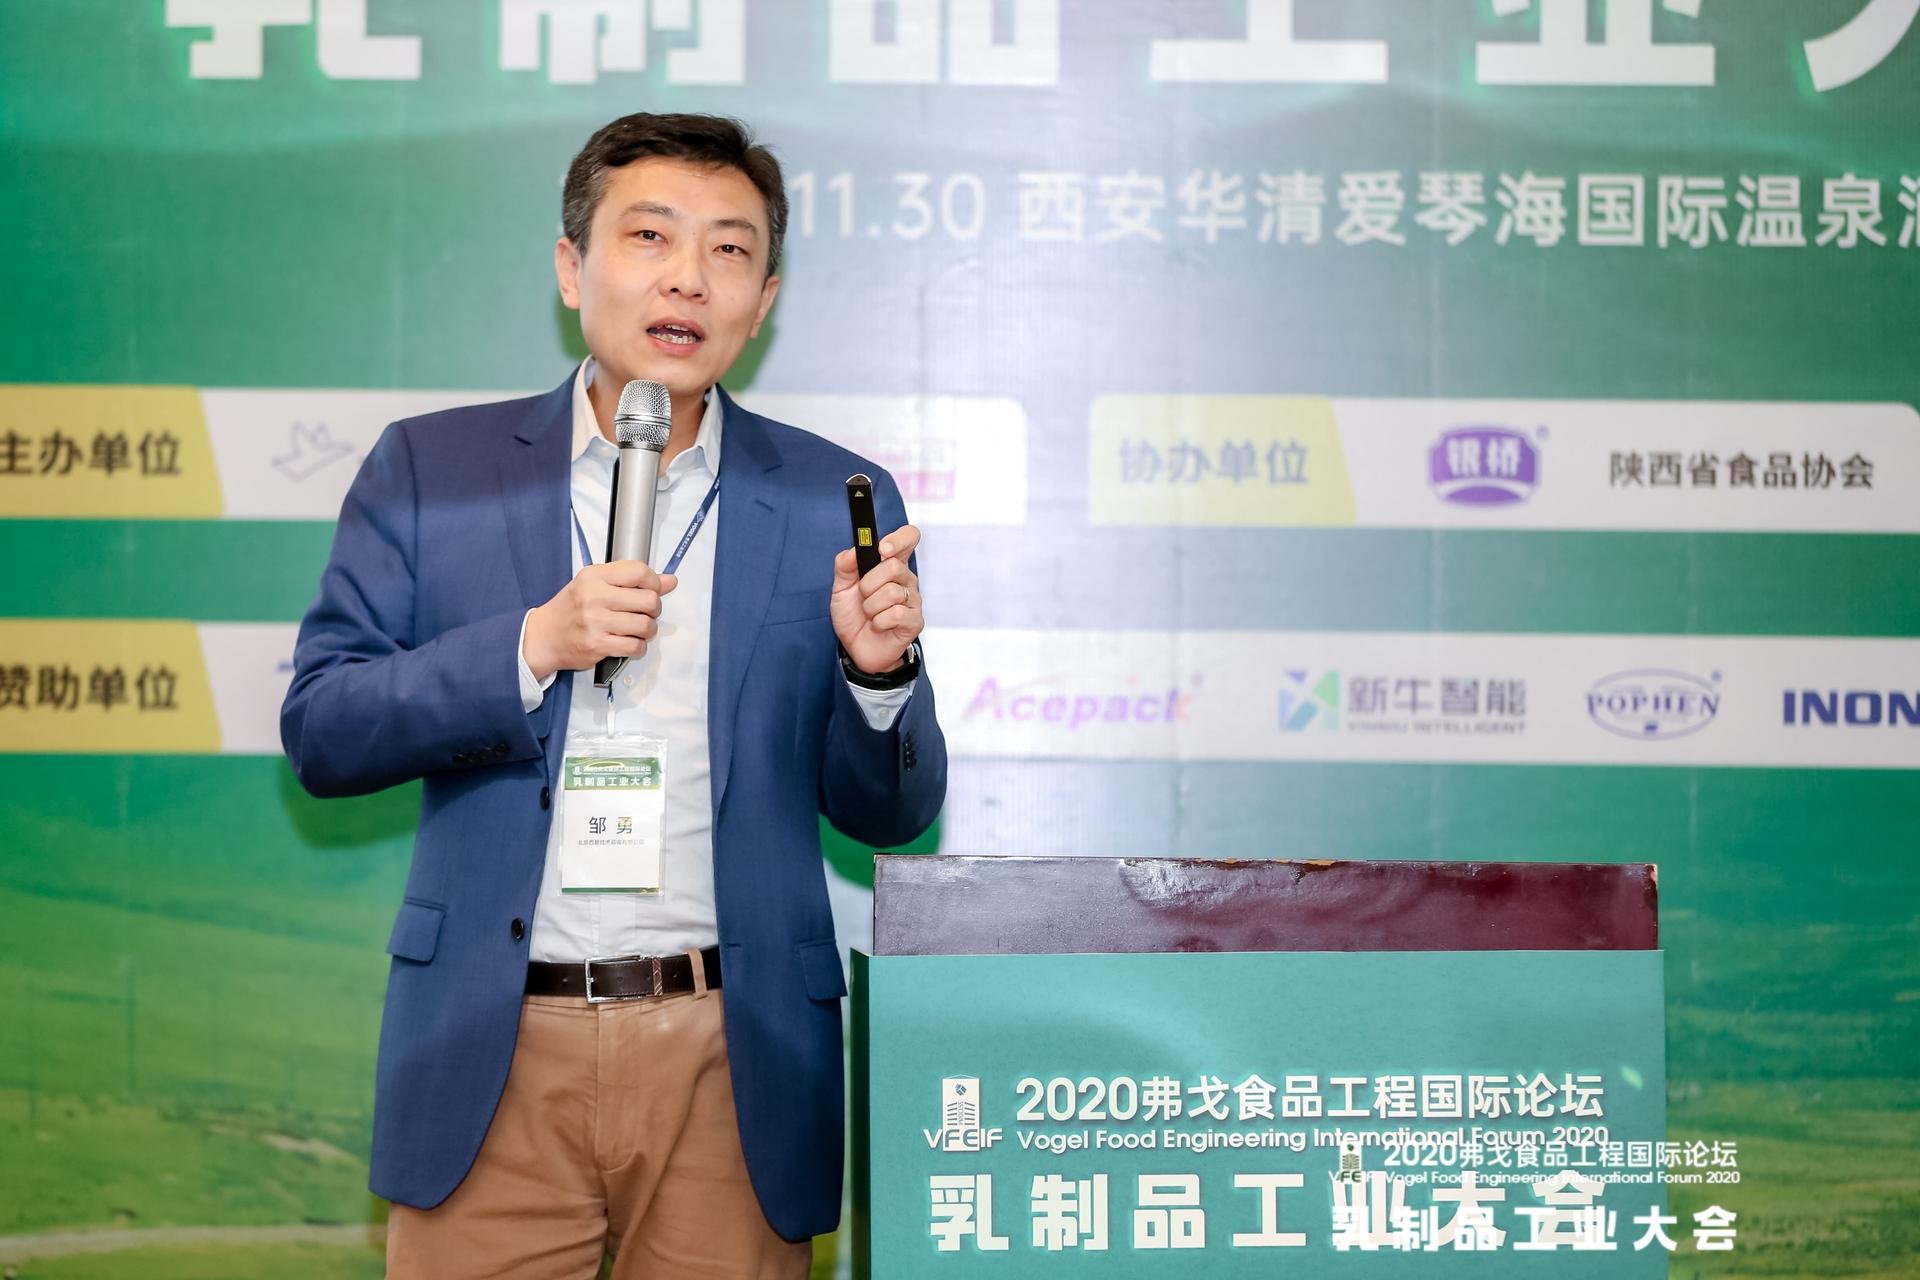 邹勇,北京西碧技术咨询有限公司独立顾问